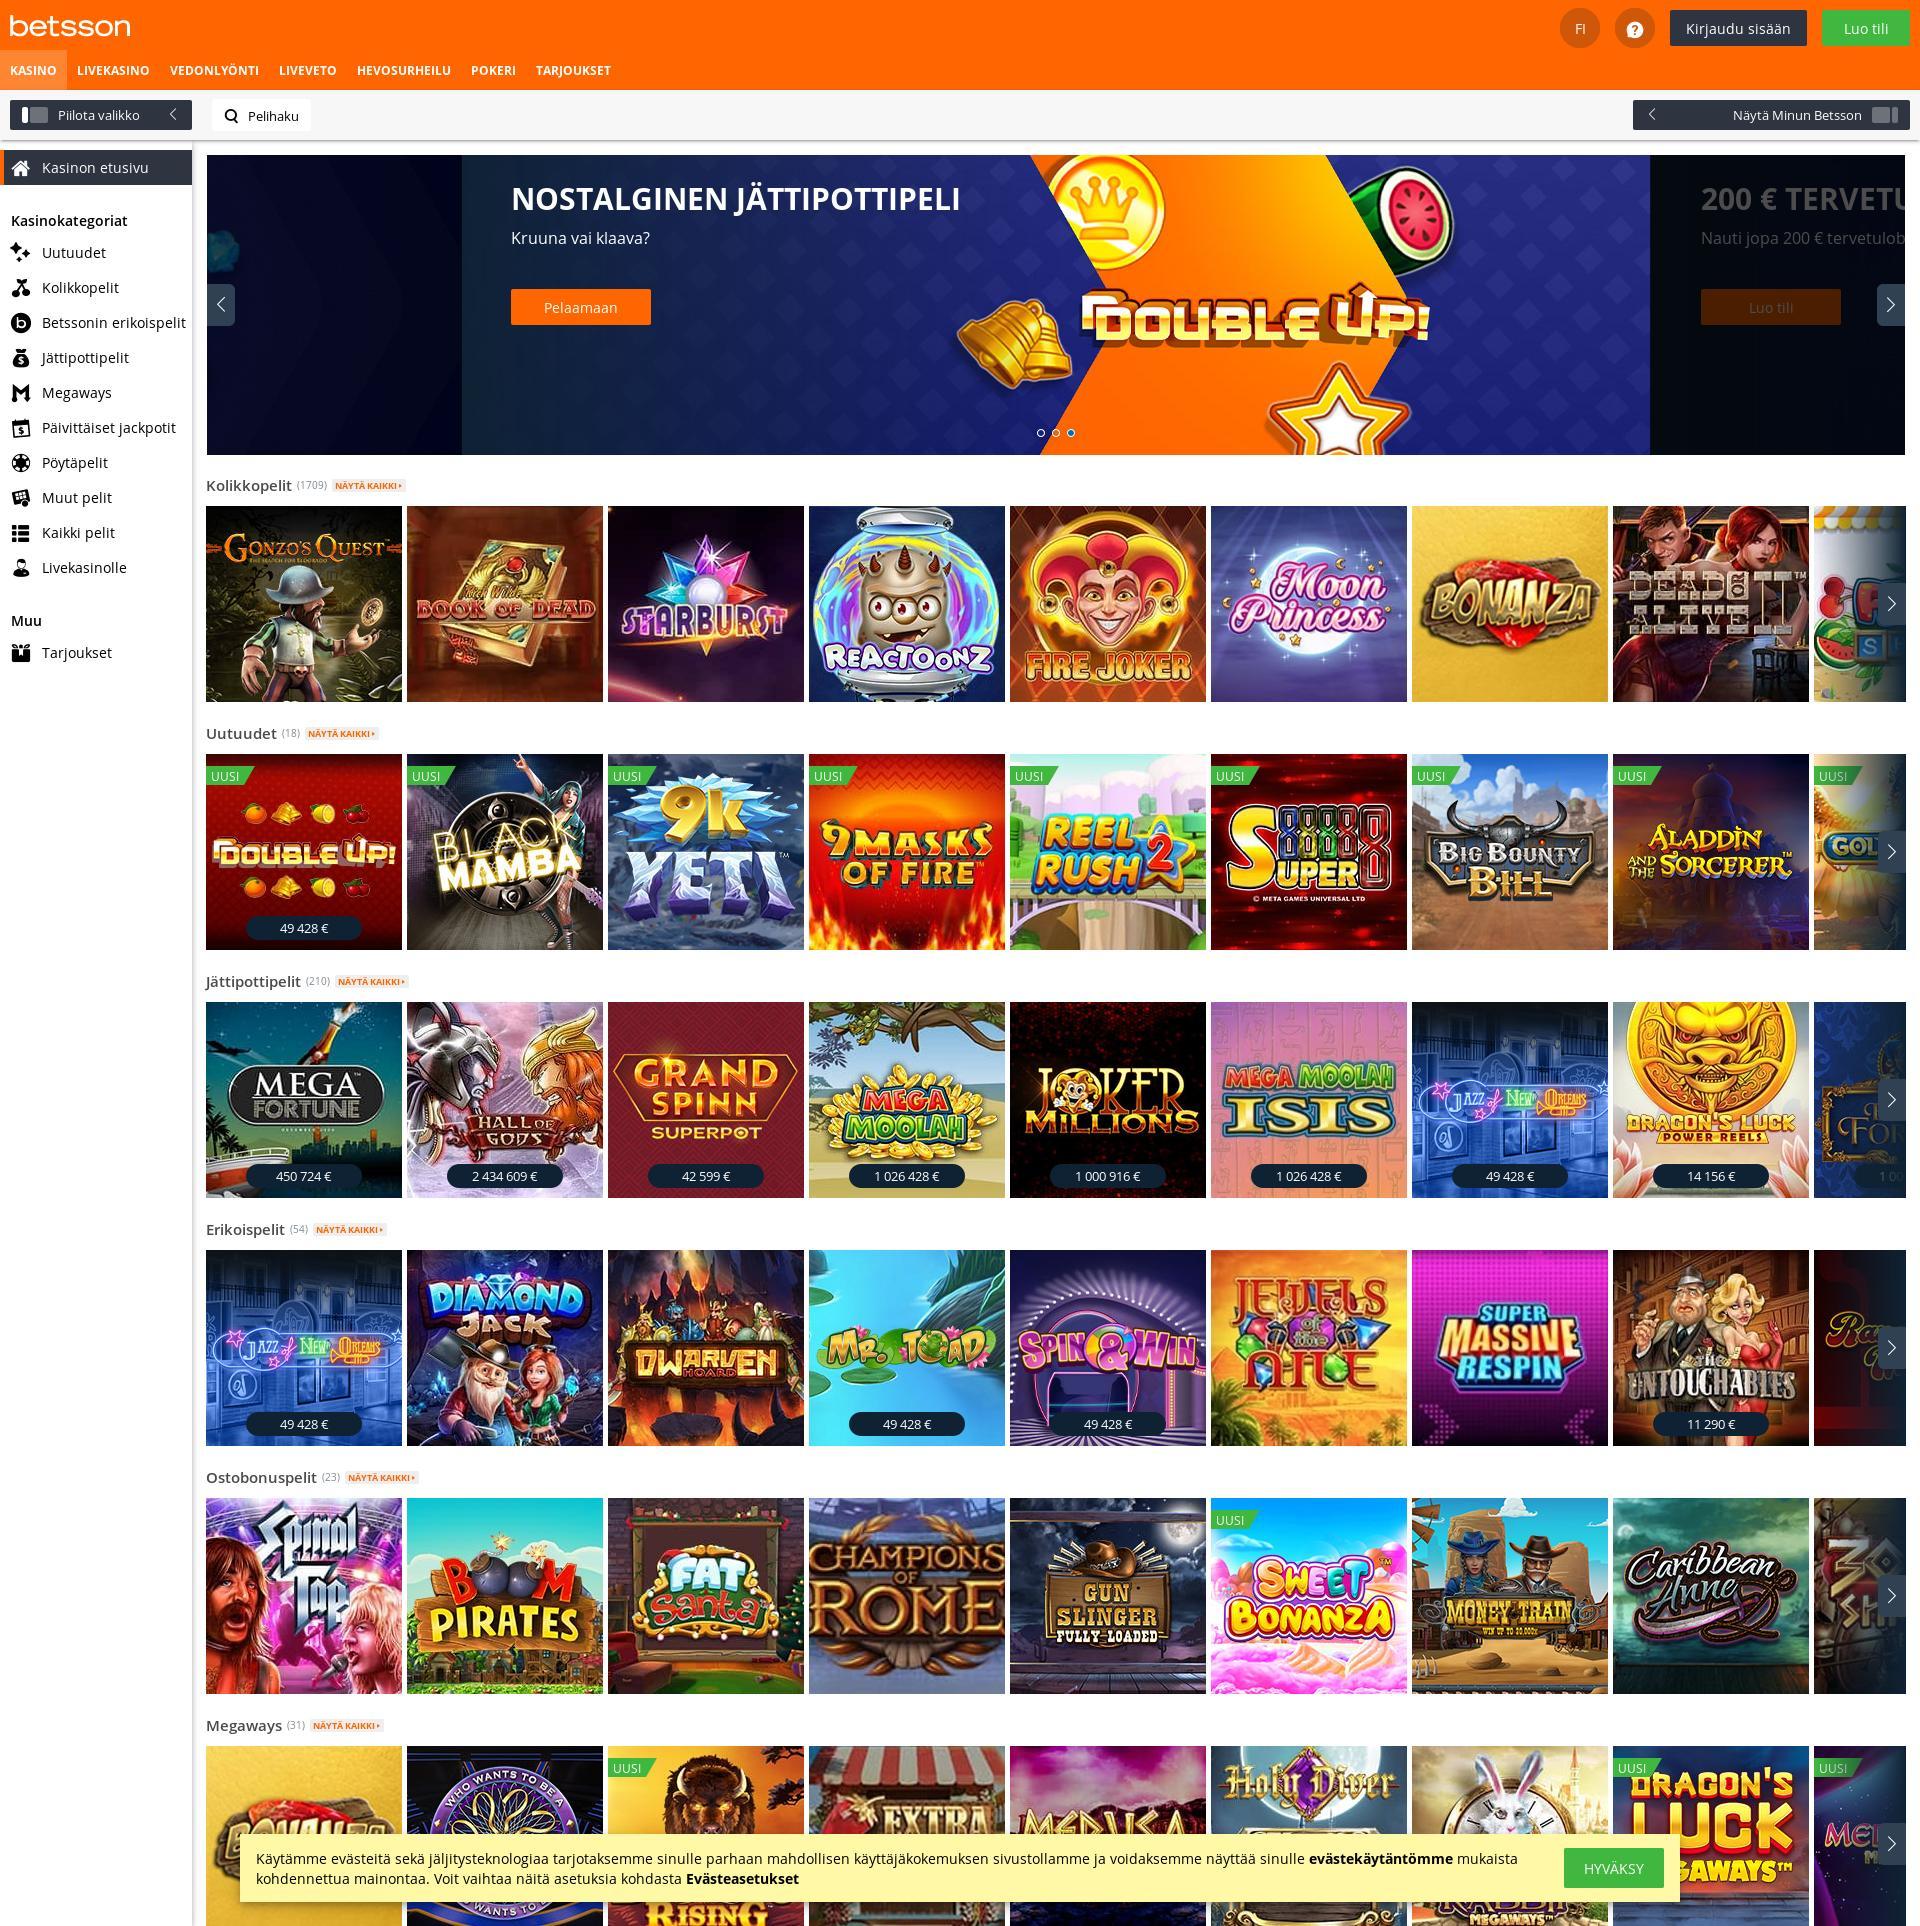 Casino skärm Lobby 2019-11-19 för finland